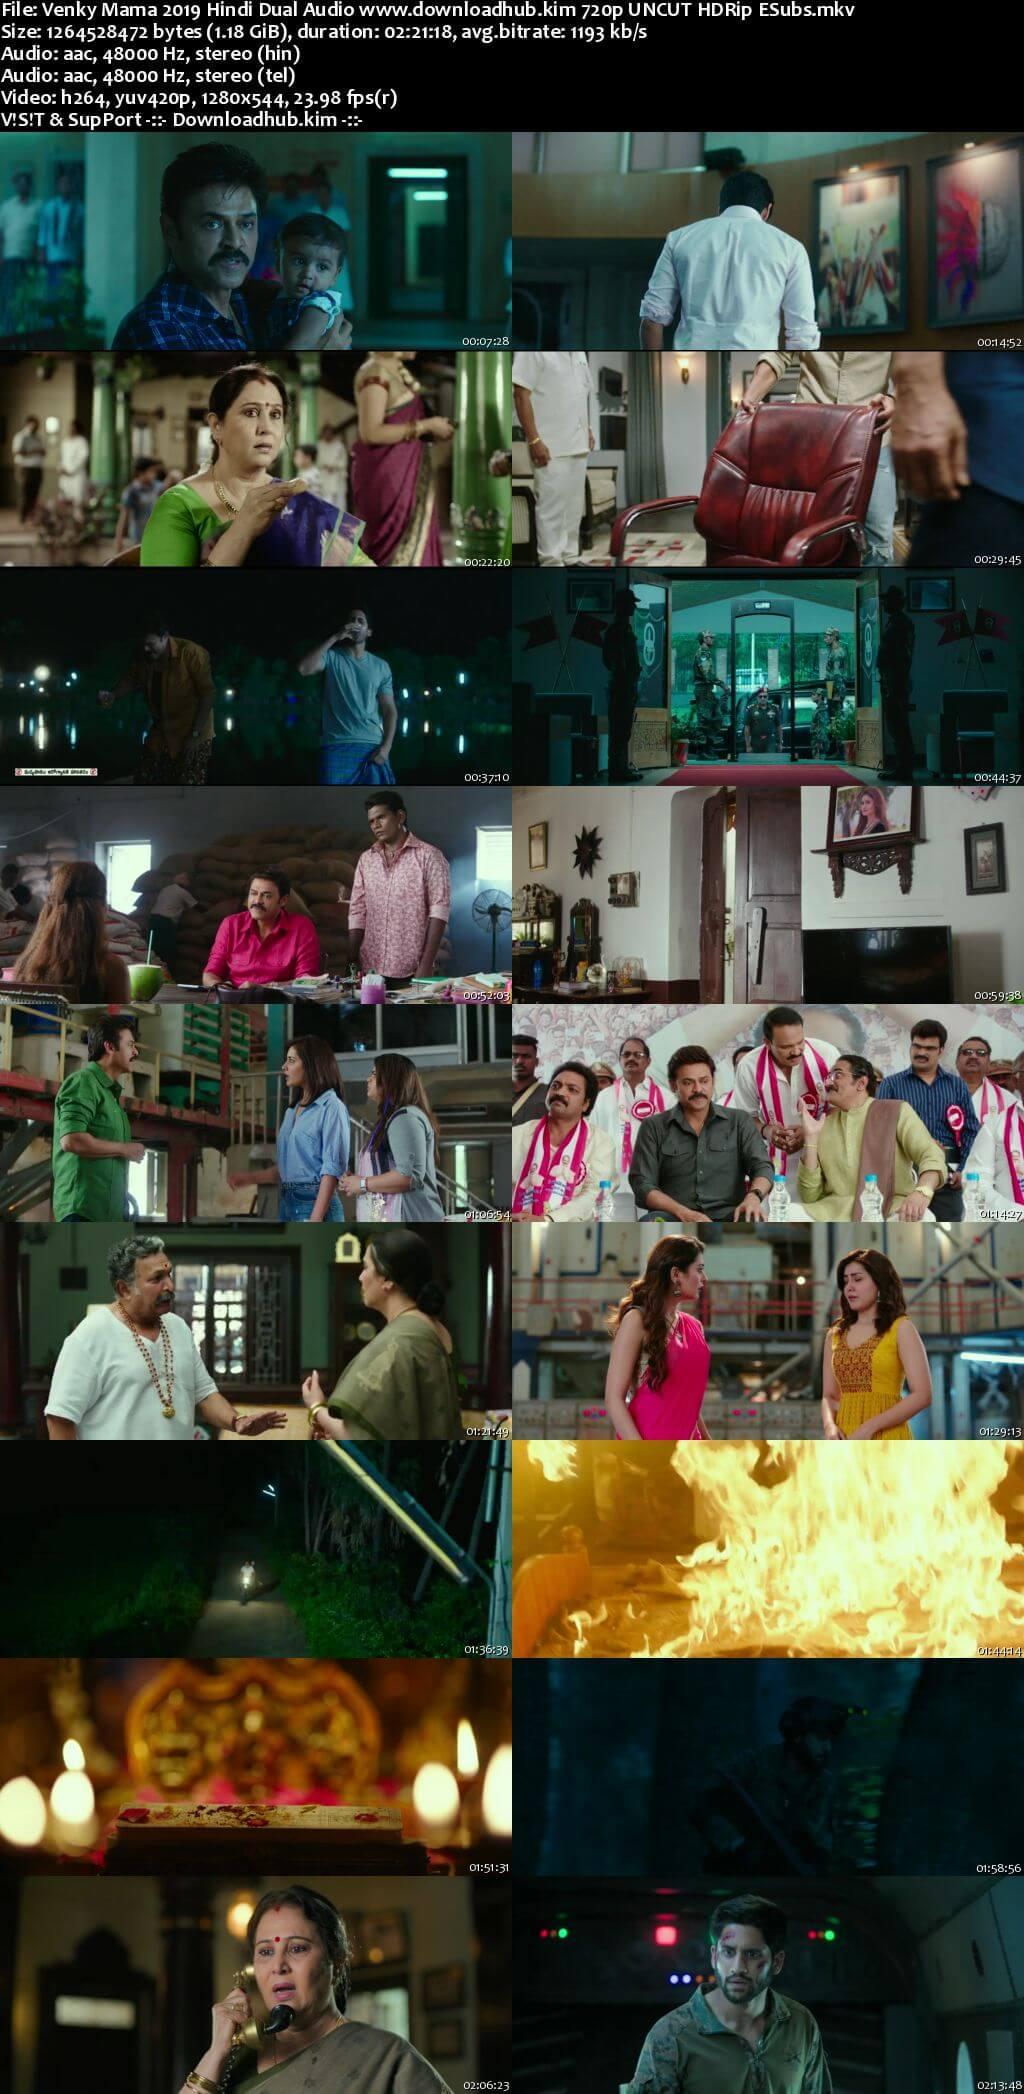 Venky Mama 2019 Hindi Dual Audio 720p UNCUT HDRip ESubs